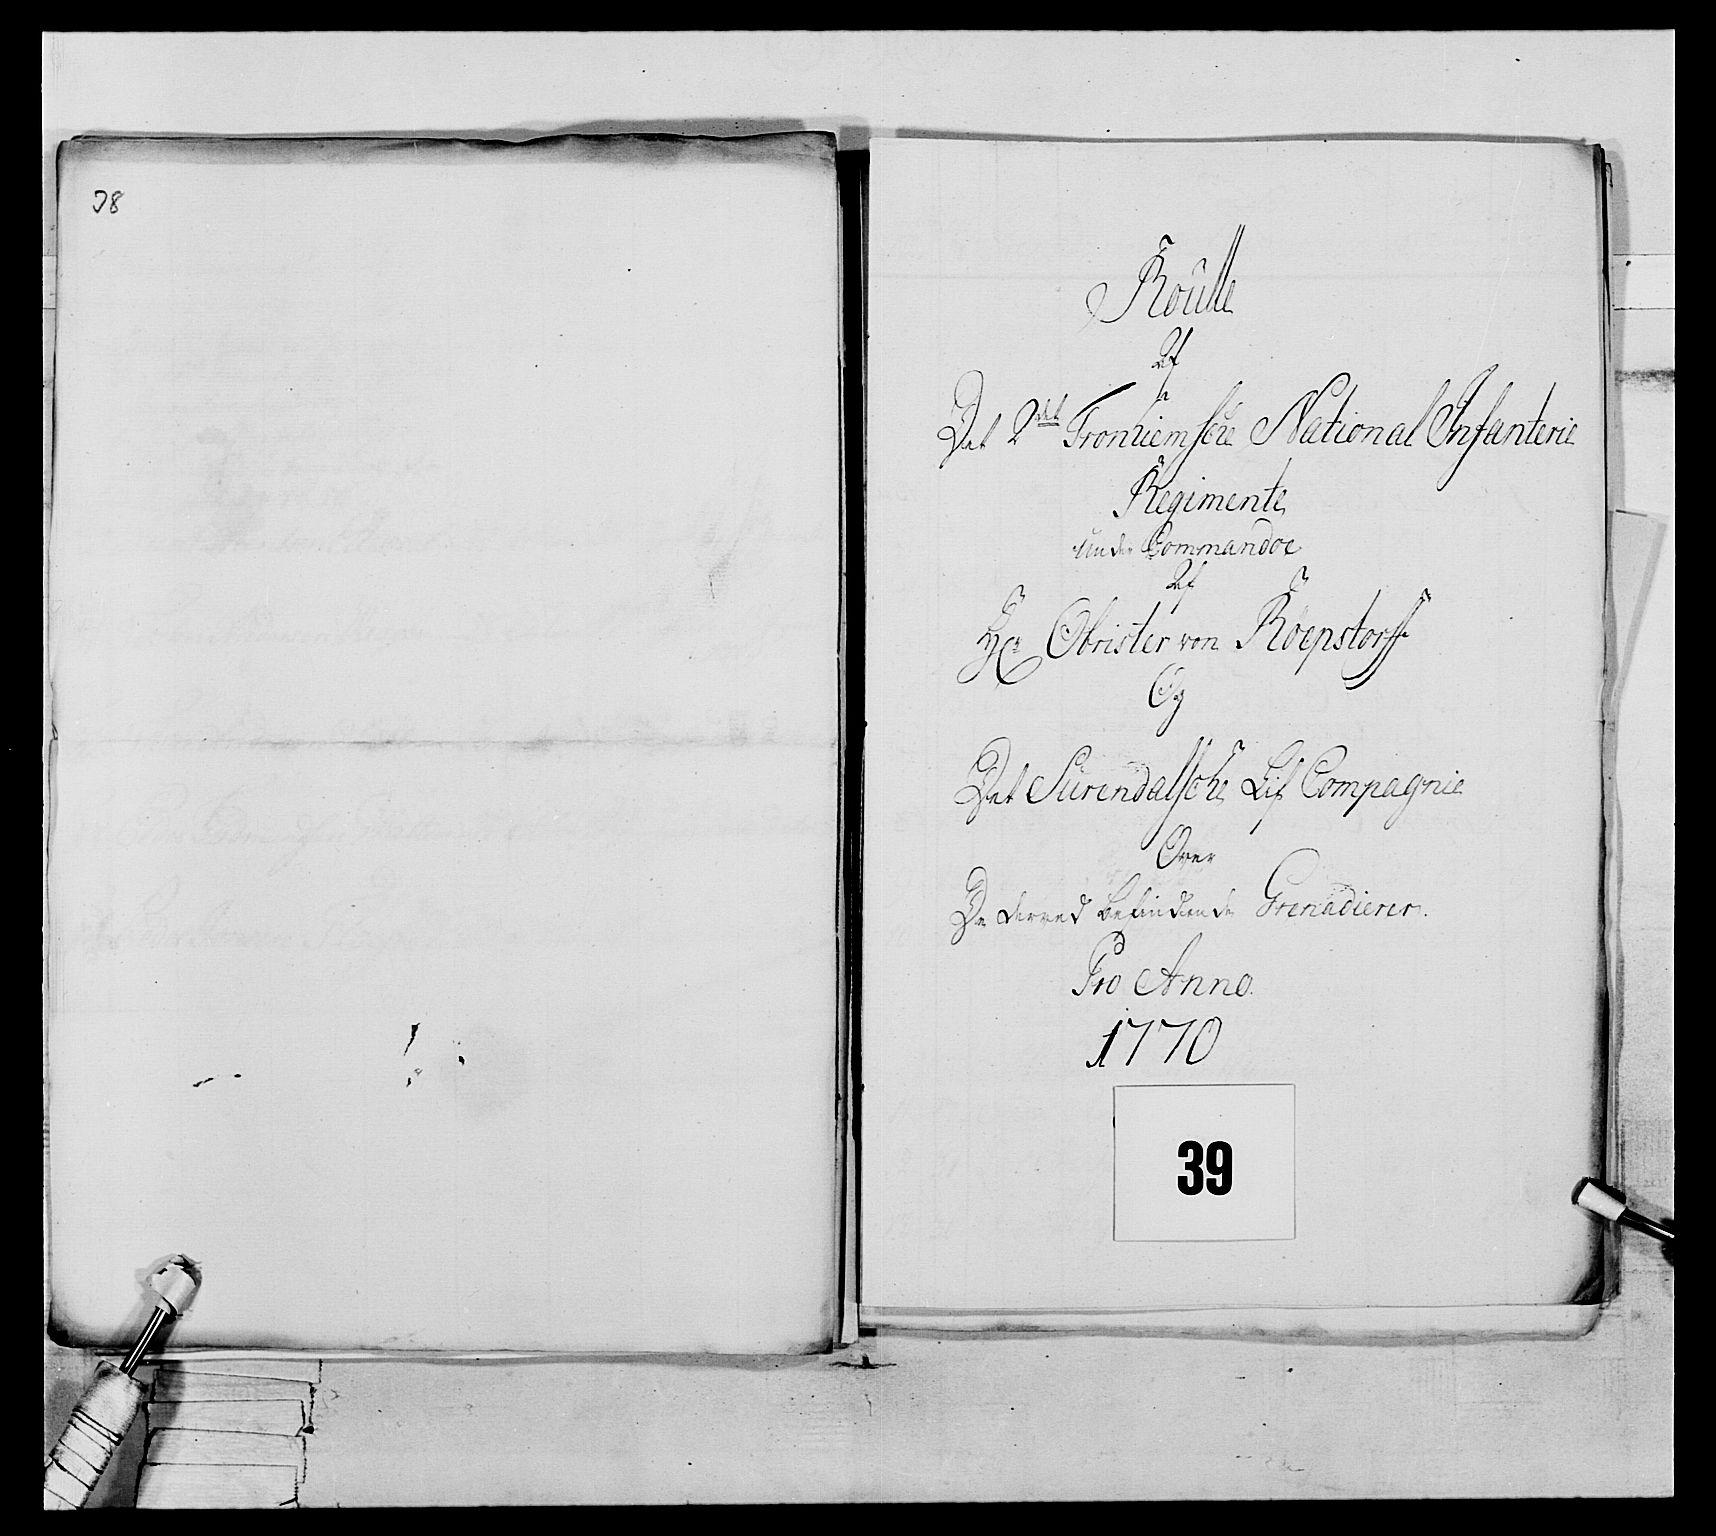 RA, Generalitets- og kommissariatskollegiet, Det kongelige norske kommissariatskollegium, E/Eh/L0076: 2. Trondheimske nasjonale infanteriregiment, 1766-1773, s. 120